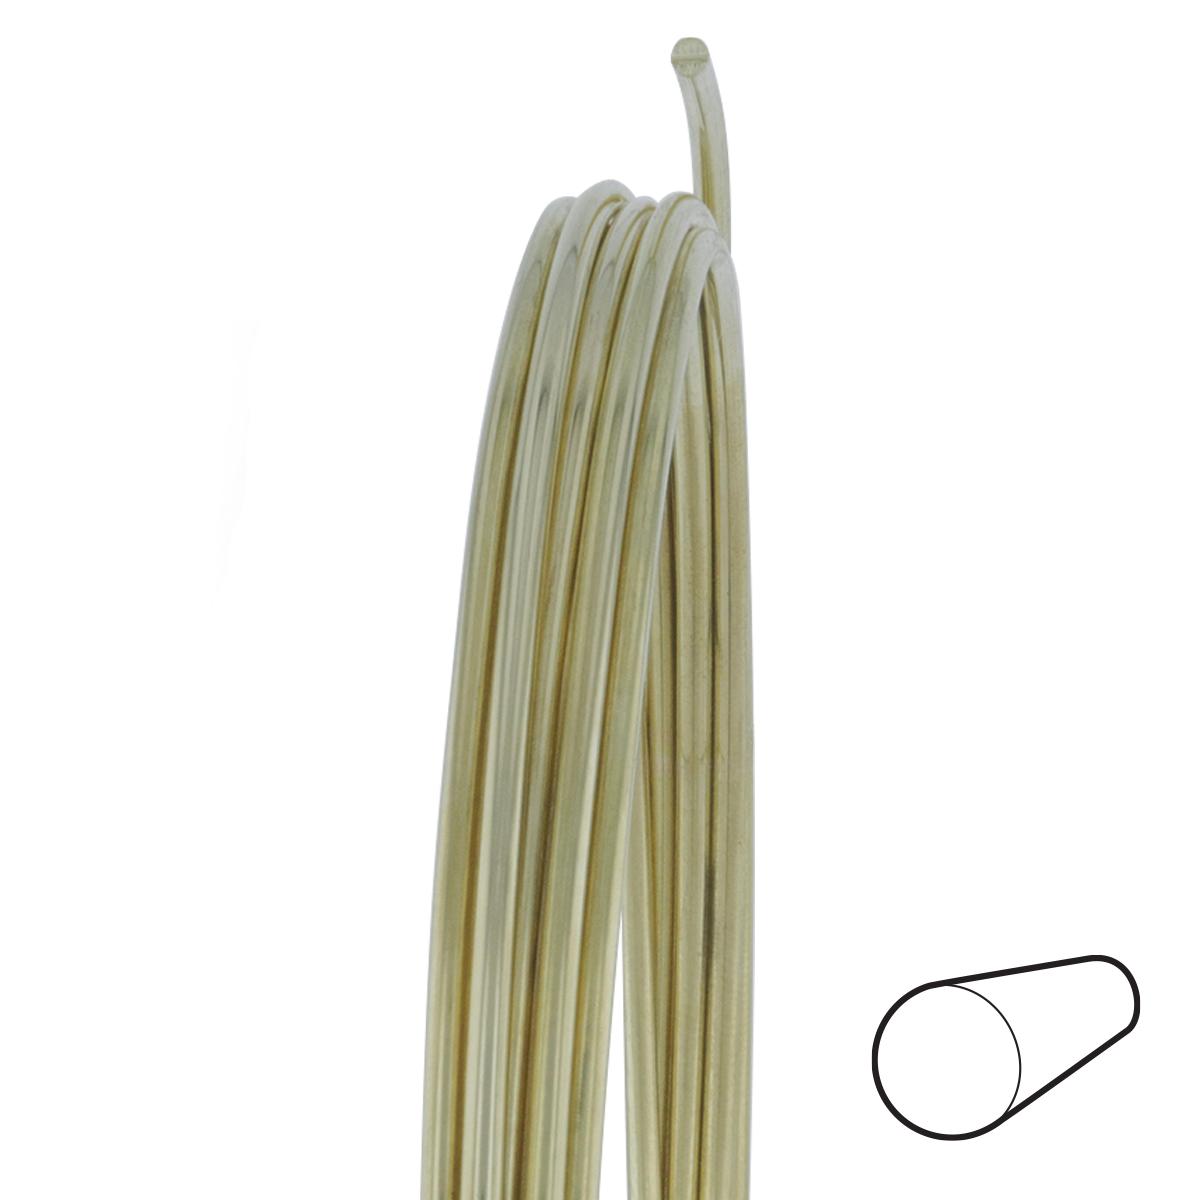 12 Gauge Round Dead Soft Yellow Brass Wire: Wire Jewelry | Wire Wrap ...